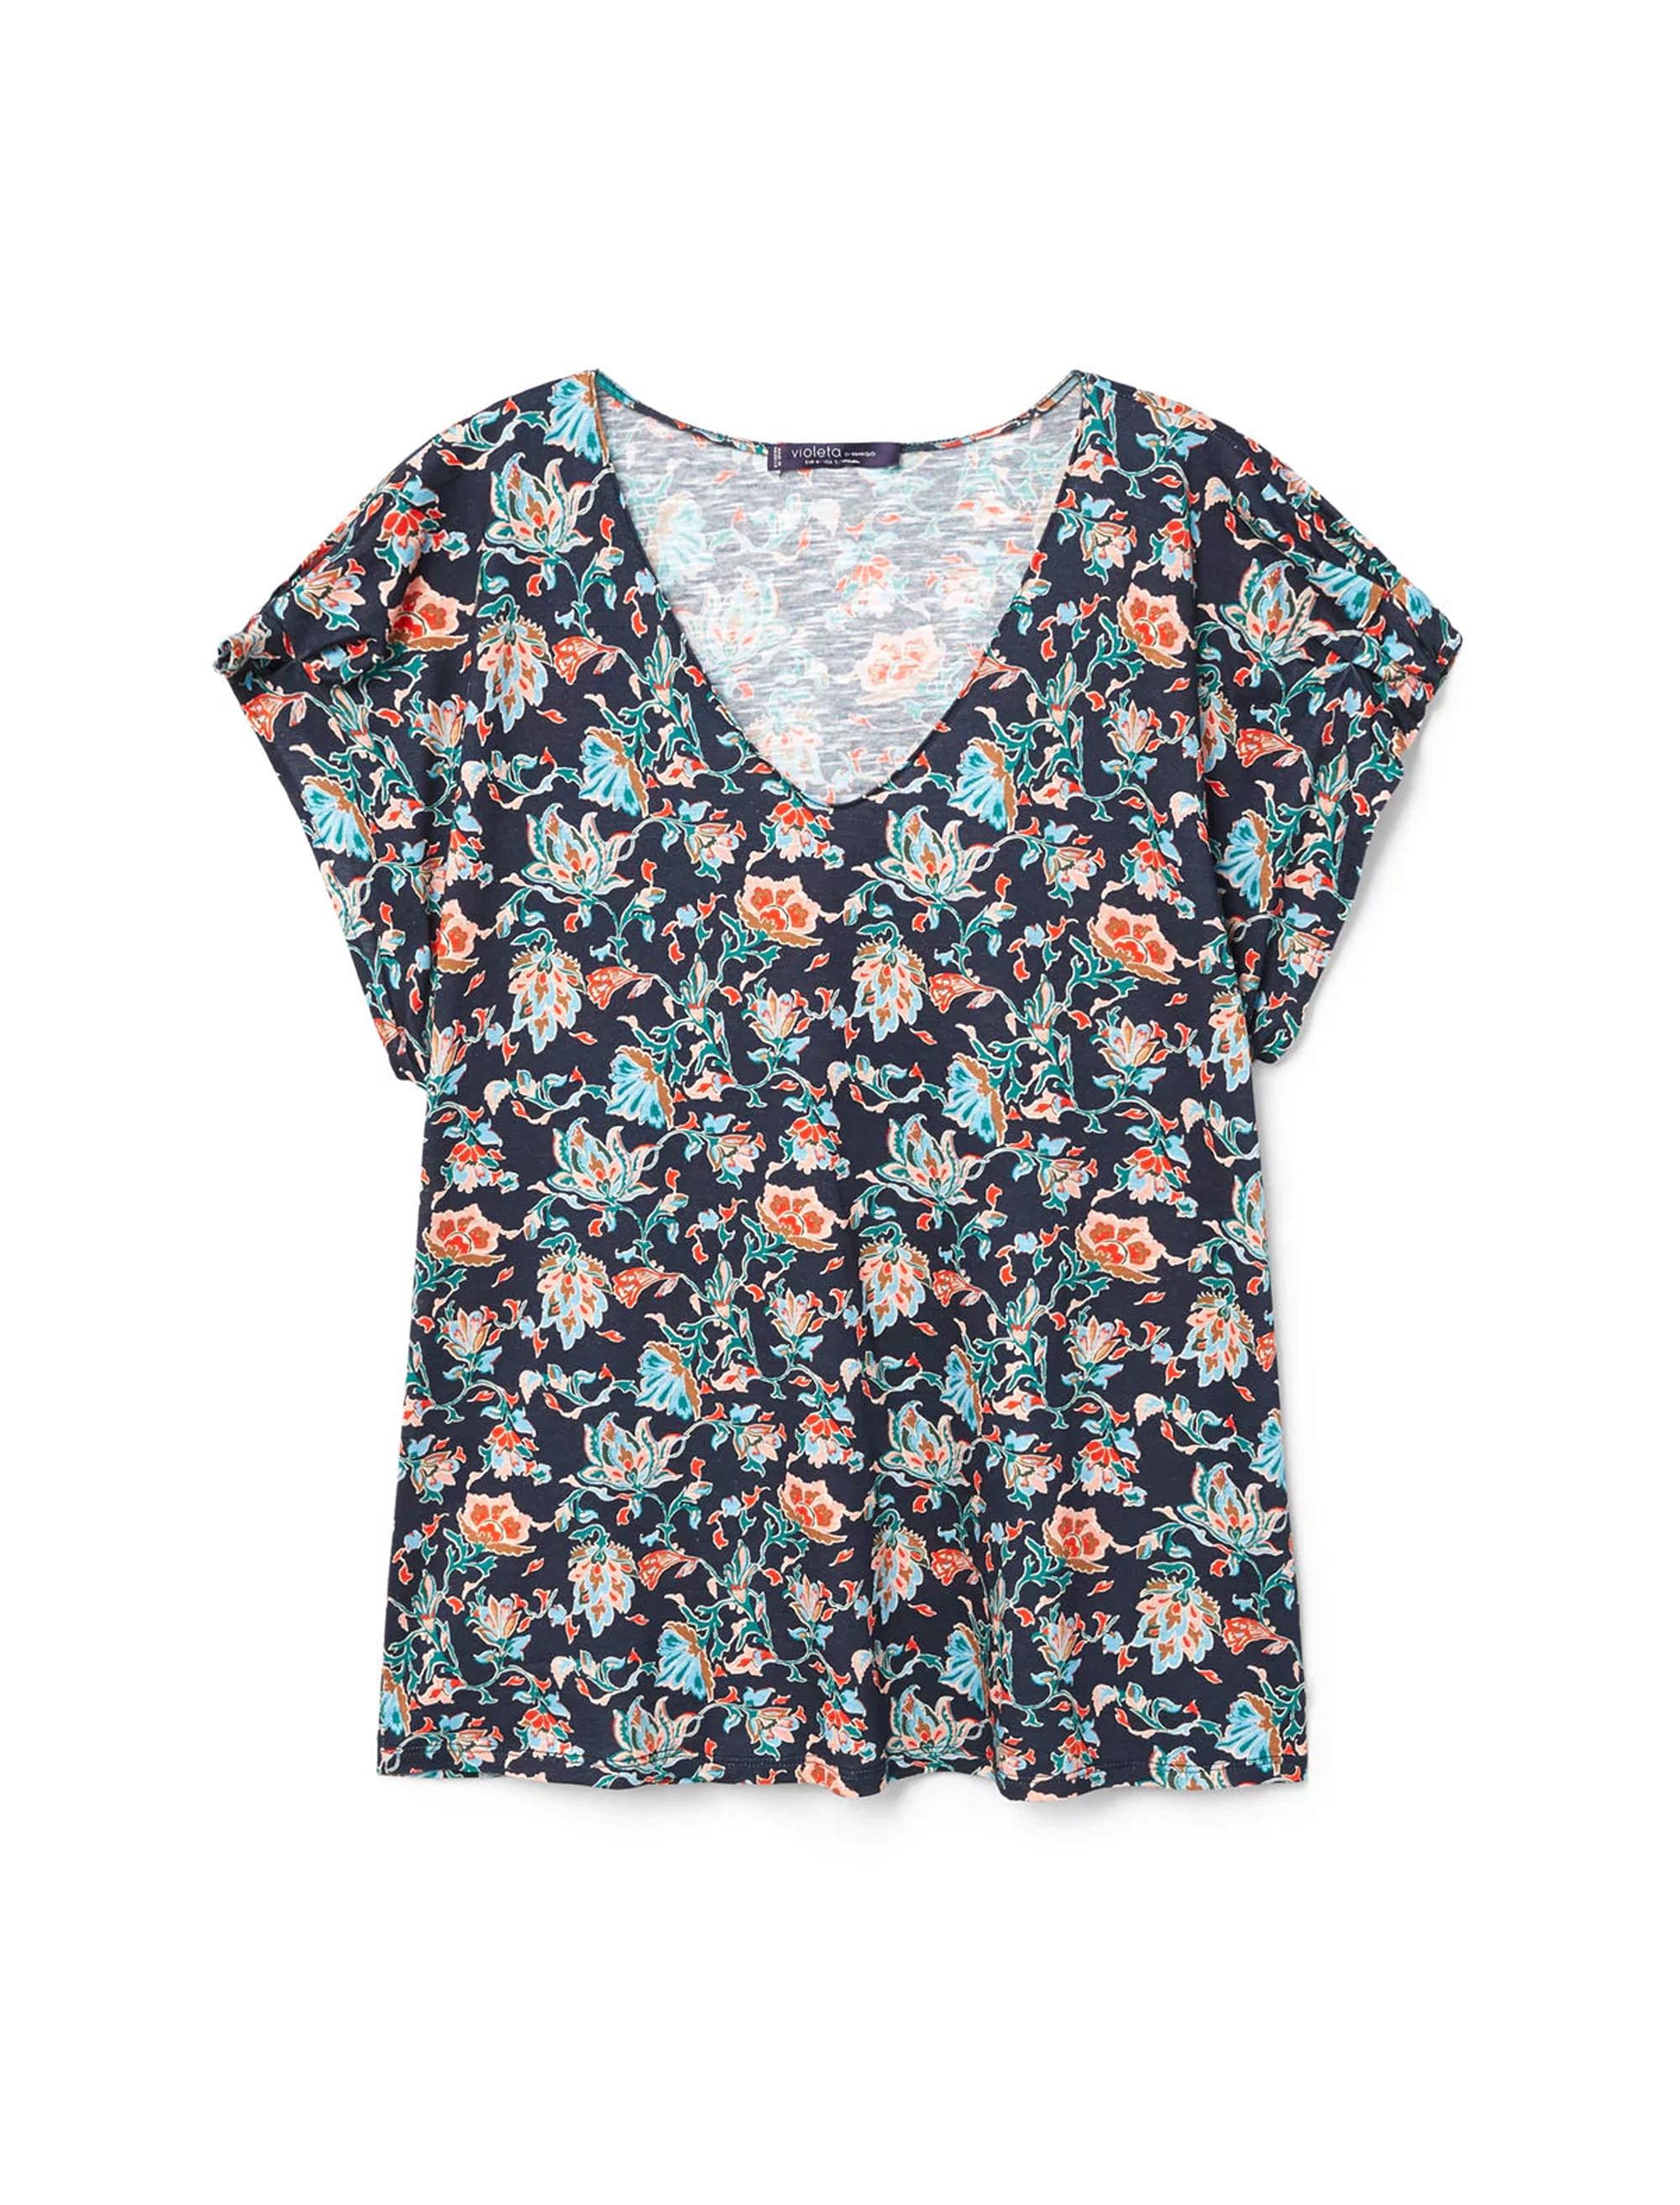 خرید تی شرت نخی یقه هفت  زنانه - ویولتا بای مانگو